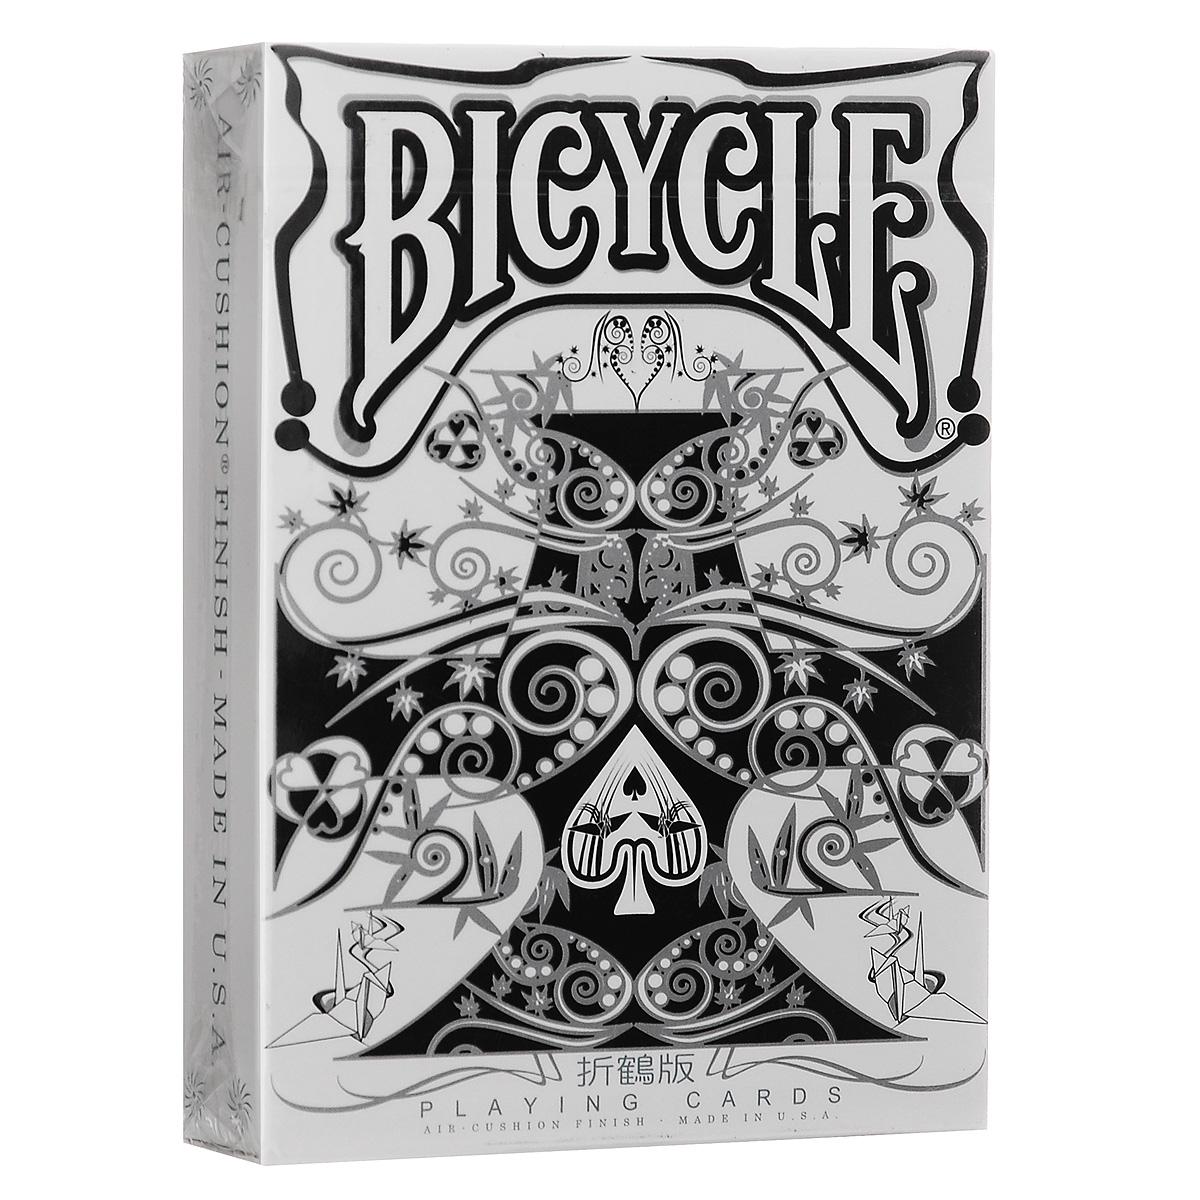 Игральные карты Bicycle Преобразователь, цвет: серебряный, белый, черныйК-421Игральные карты Bicycle Преобразователь посвящены японской культуре. Основная тема данной колоды - Oriduru. Oriduru - это бумажные журавлики, сложенные из бумаги оригами. Древняя японская легенда гласит, что тот кто сложит тысячу таких журавликов обретет счастье. Уникальное сочетание цветов рубашки (серебряный, белый, черный) обеспечивает 3D картинку на изображении.